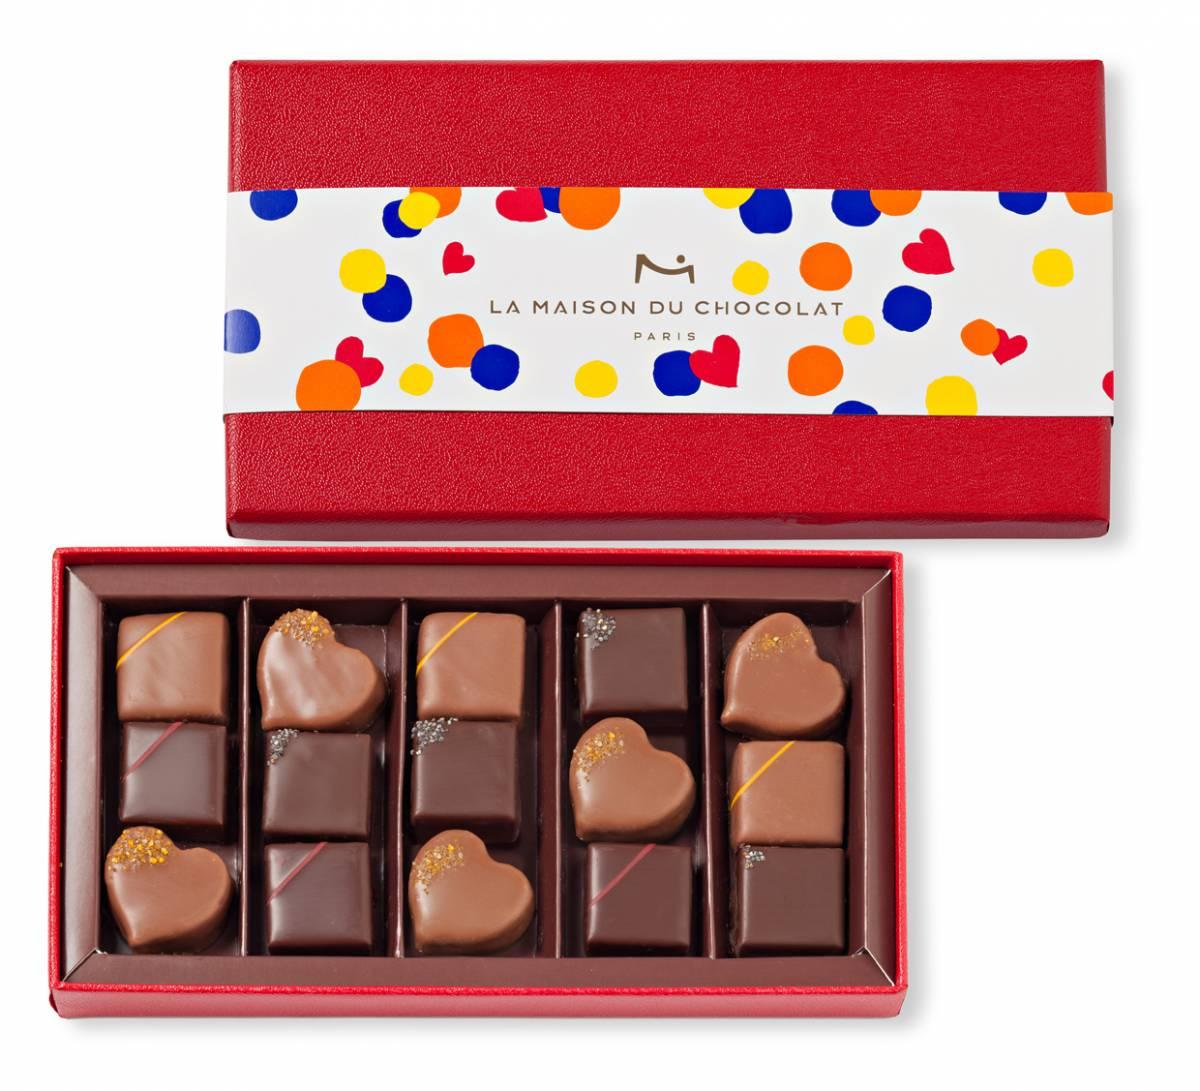 Le coffret Pop de La Maison du Chocolat pour la Saint-Valentin, Saint-Valentin. J-10 pour vous (re)mettre la corde au cou !